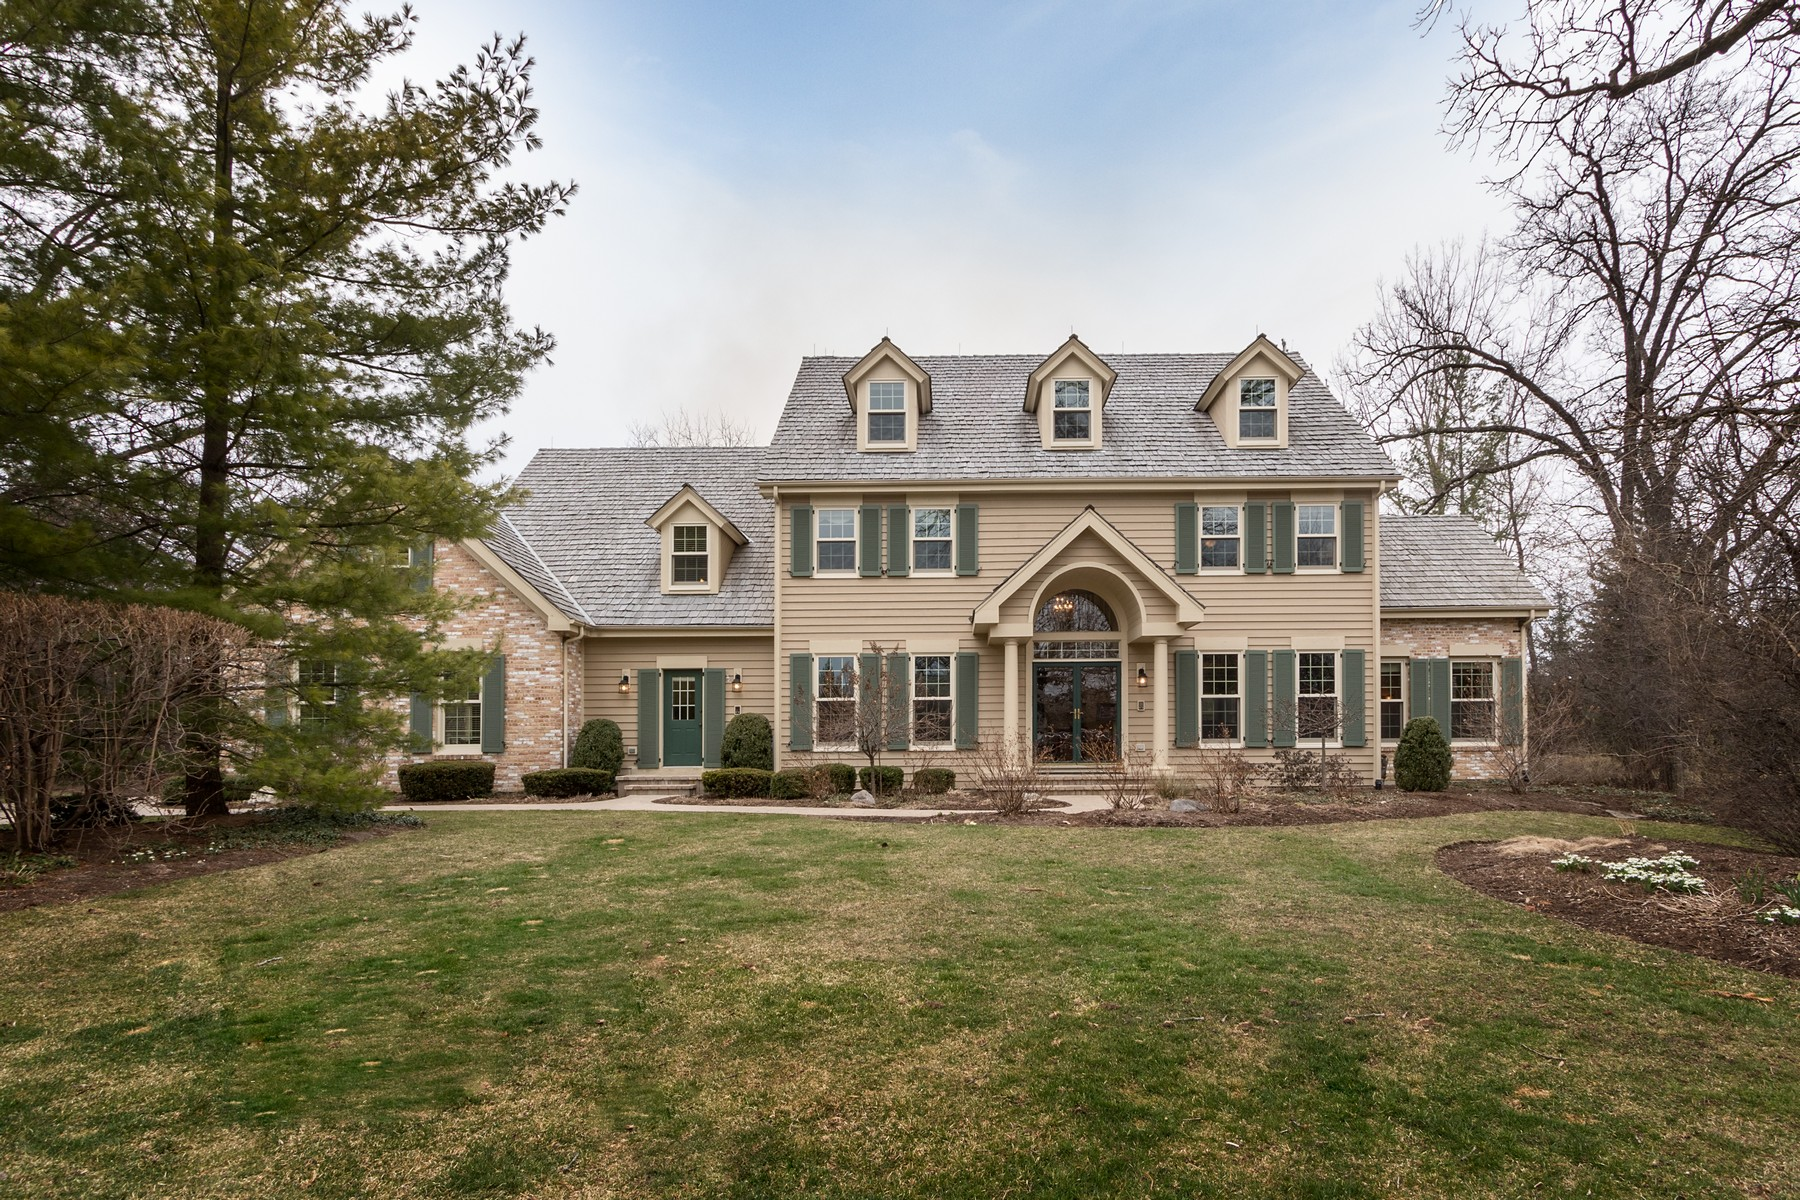 一戸建て のために 売買 アット Charming Colonial Home 161 Wynstone Drive North Barrington, イリノイ, 60010 アメリカ合衆国